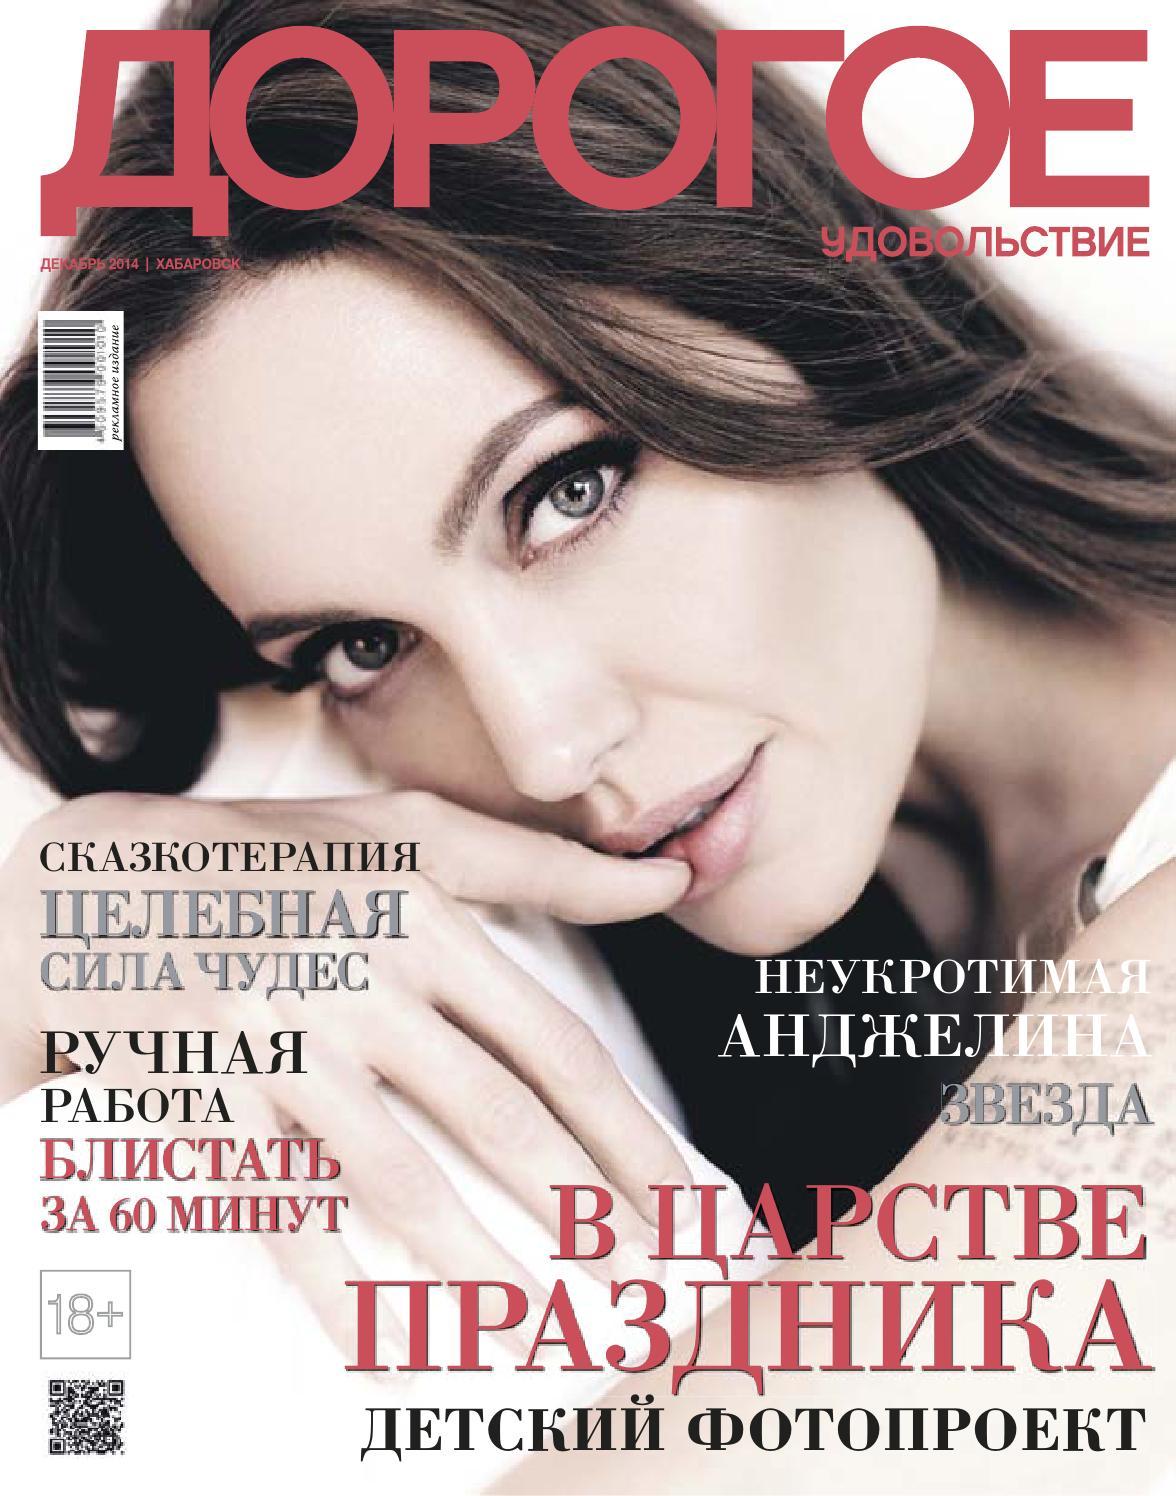 5726cdfdf2de Dorogoe Udovolstvie Khv 2014-12 by Portal 27 - issuu